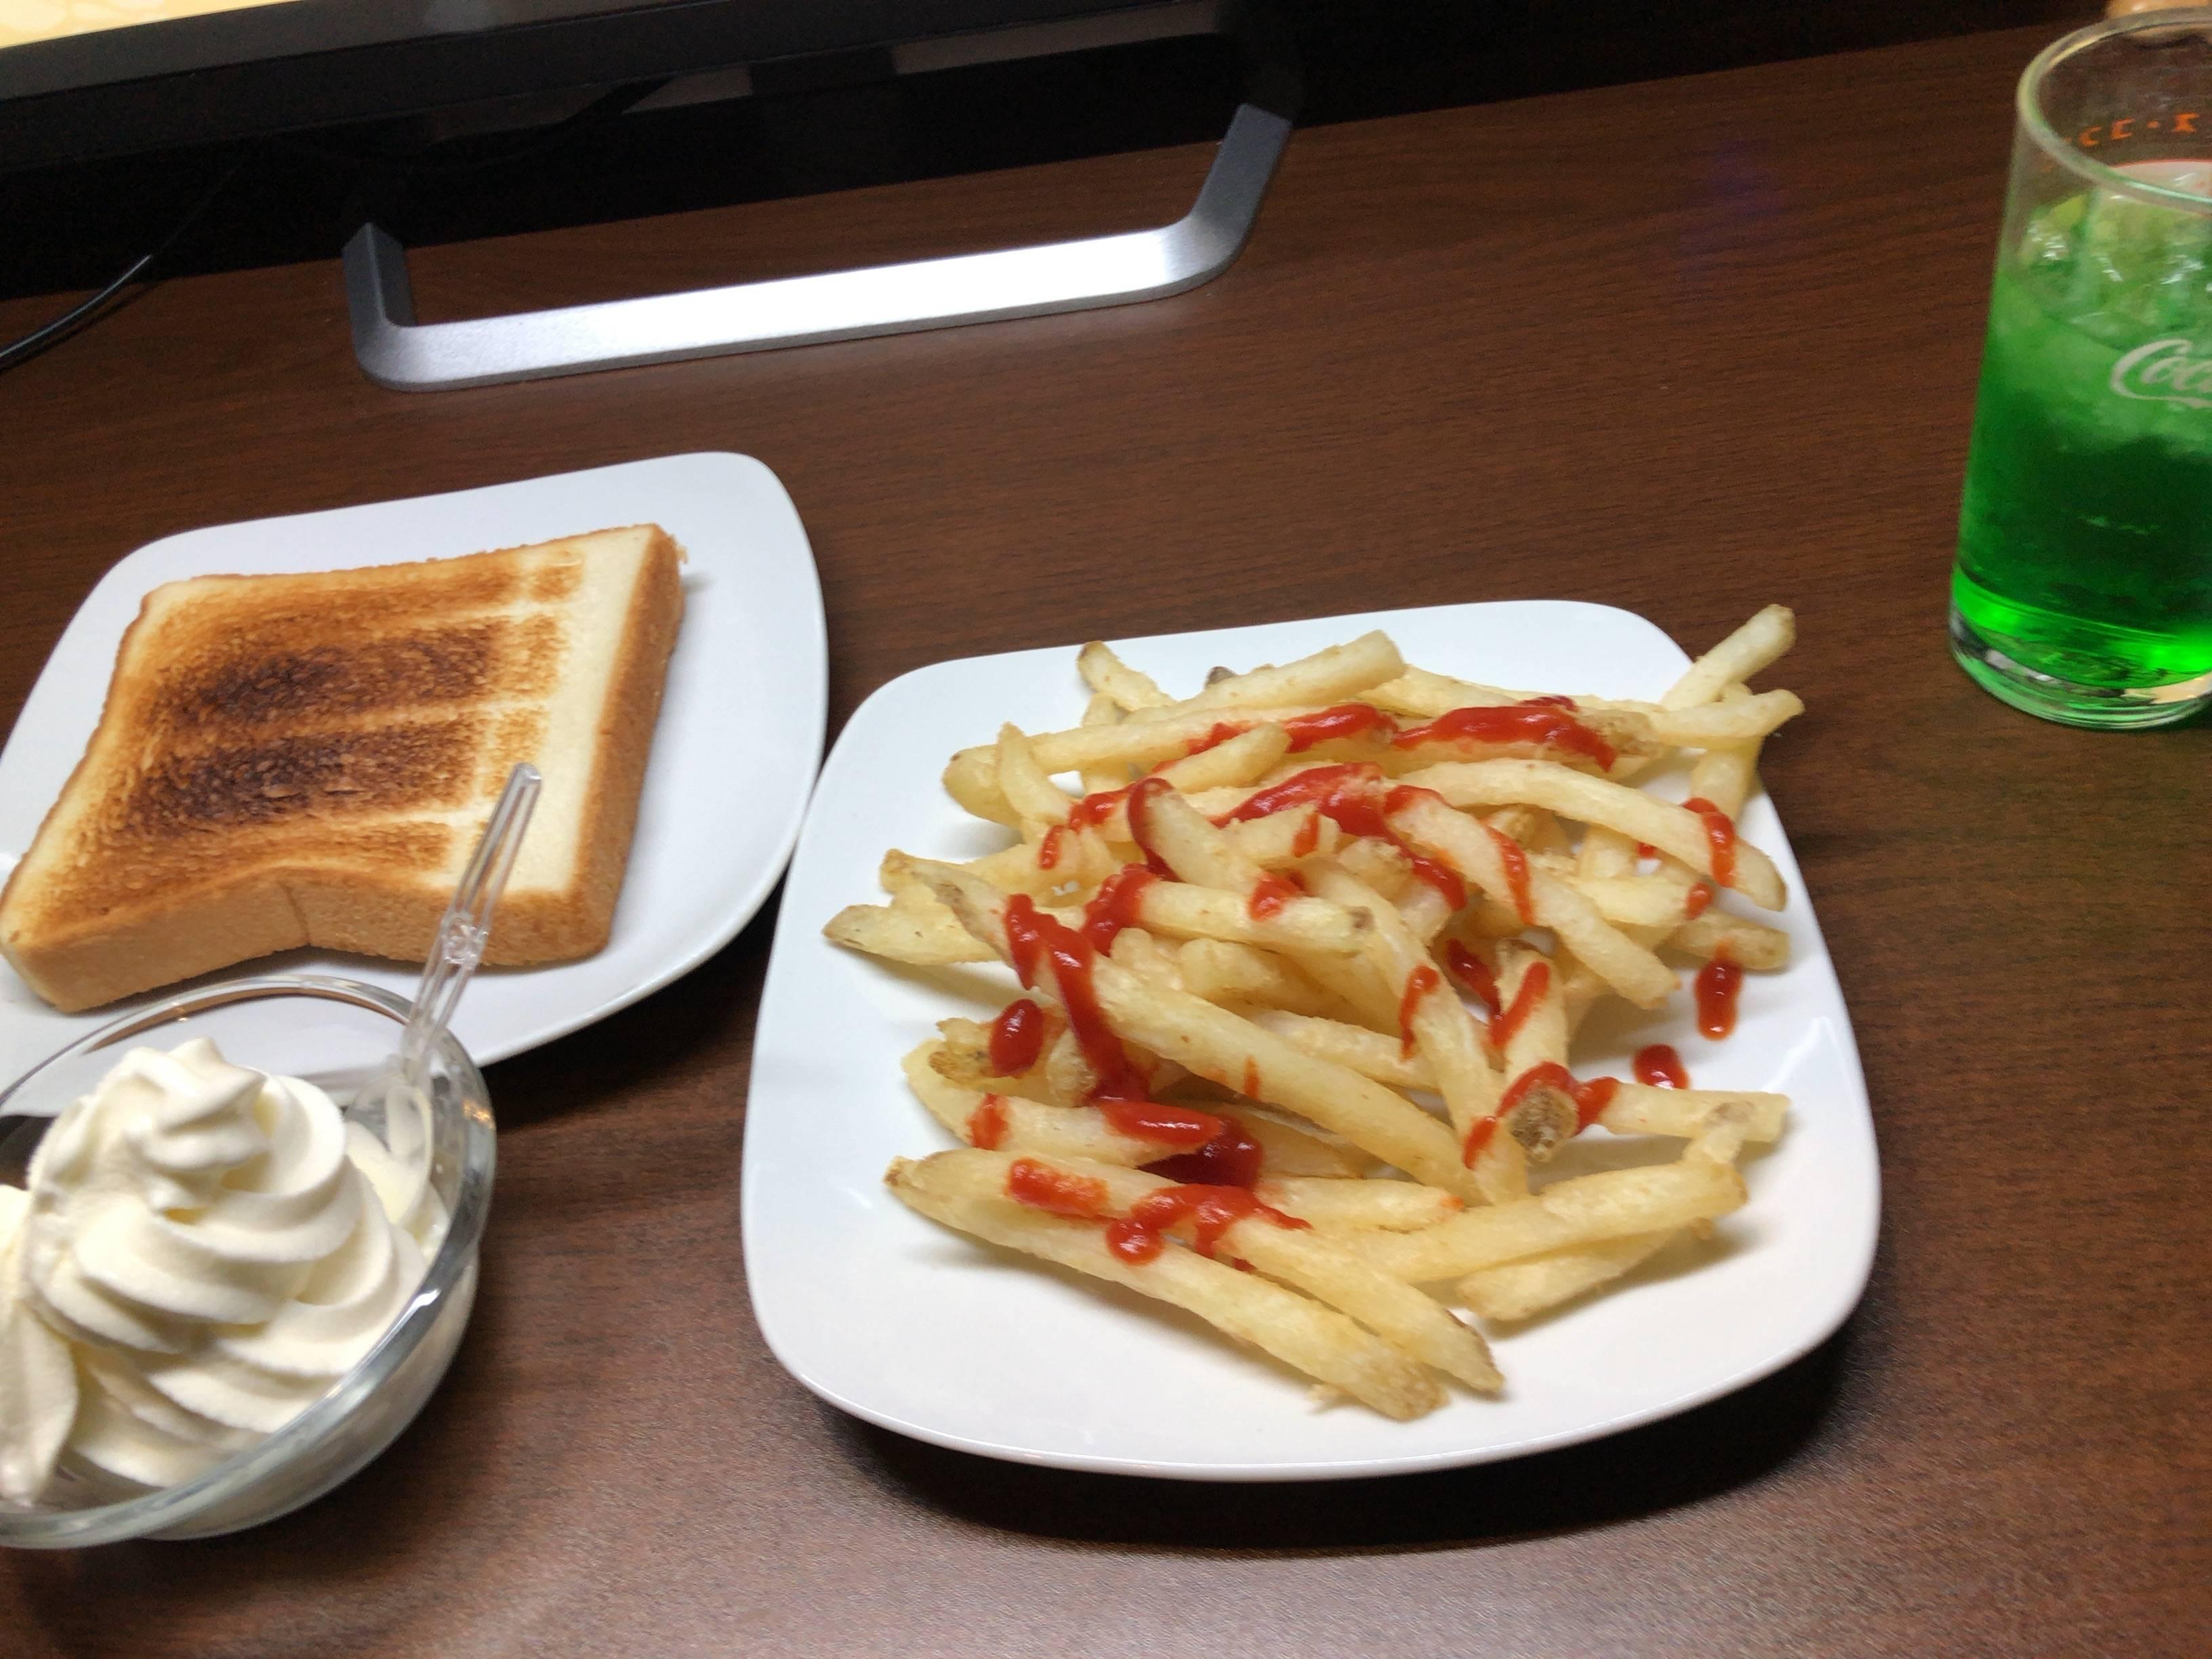 【画像】快活クラブの無料食べ放題モーニング、あまりにも豪華すぎる!!